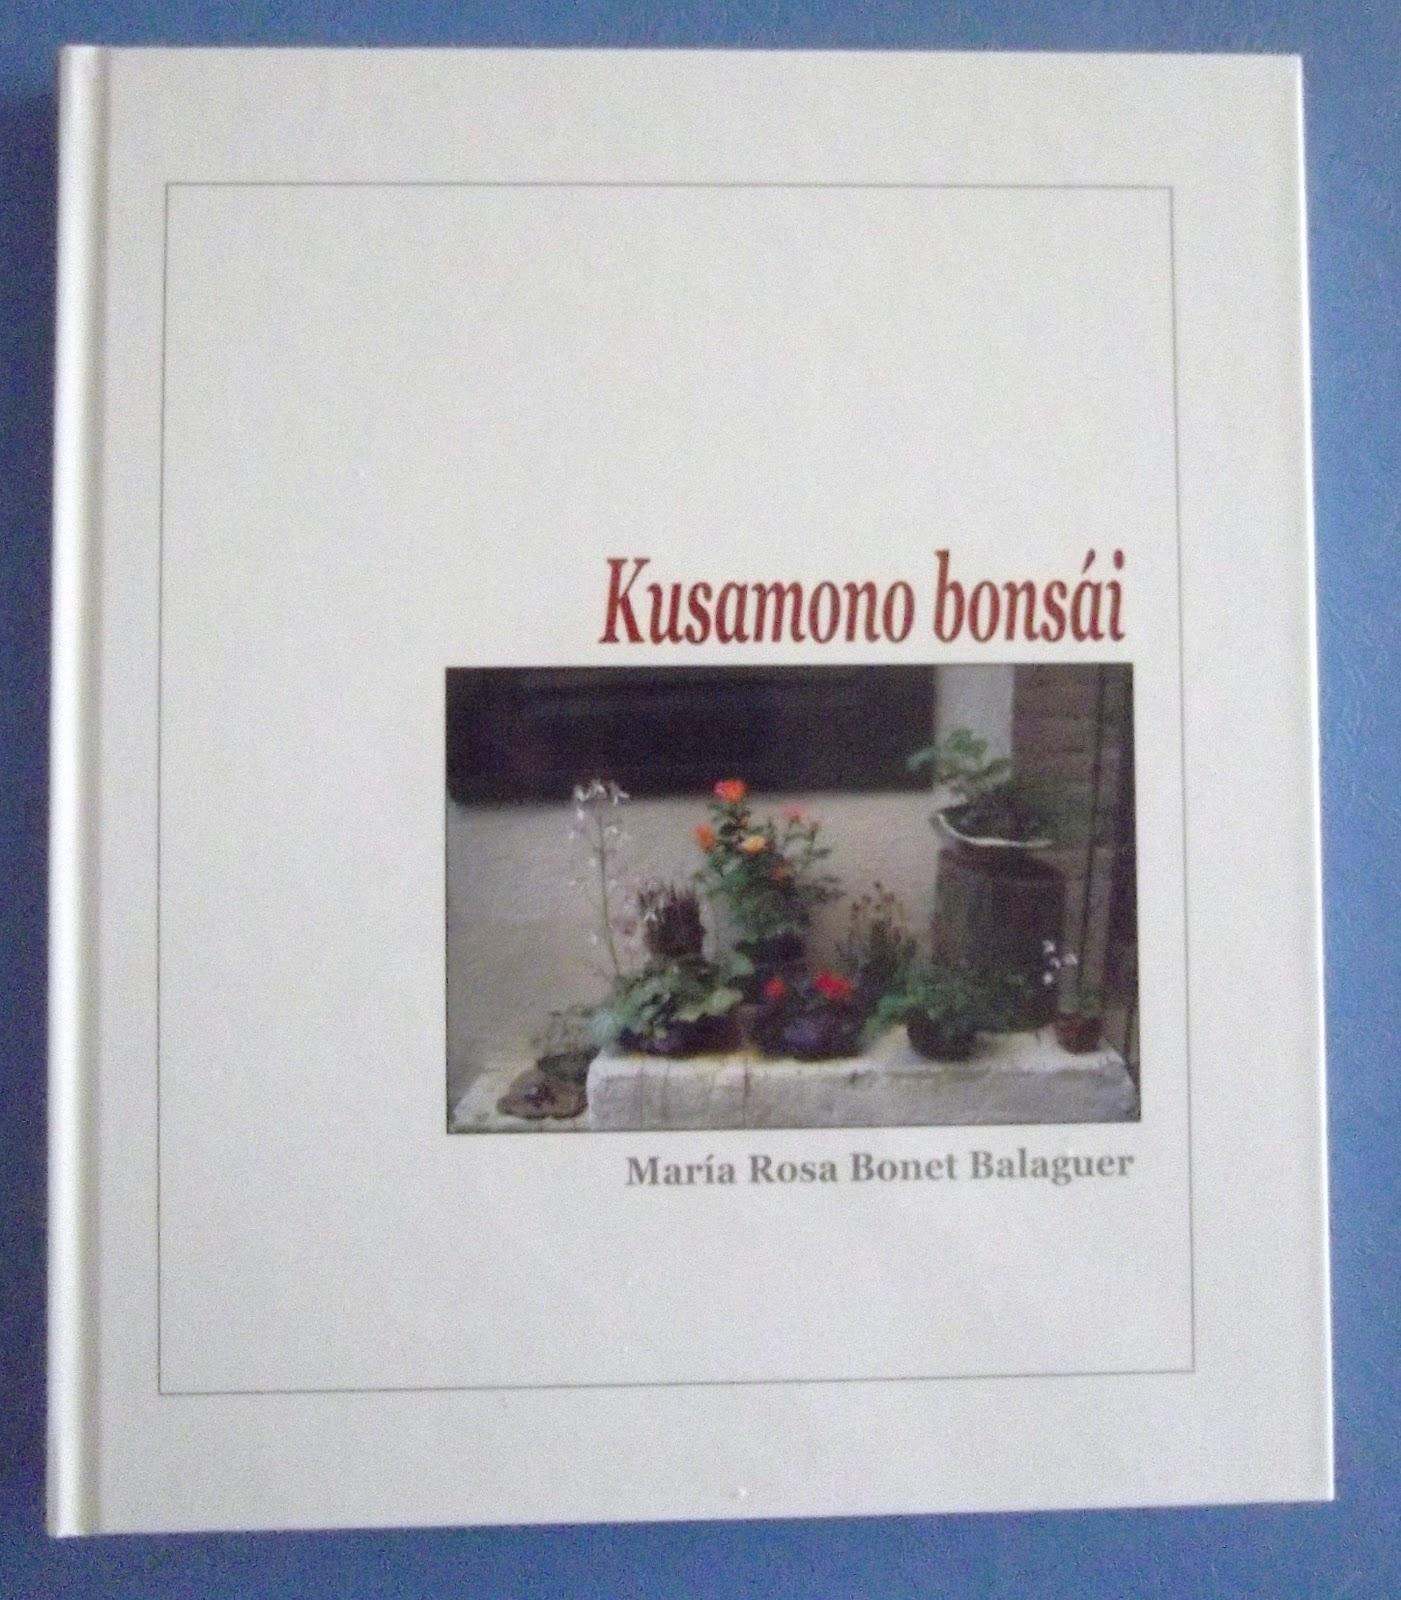 Kusamono bons i el libro de kuka el bons i y yo - Libros de bonsais ...